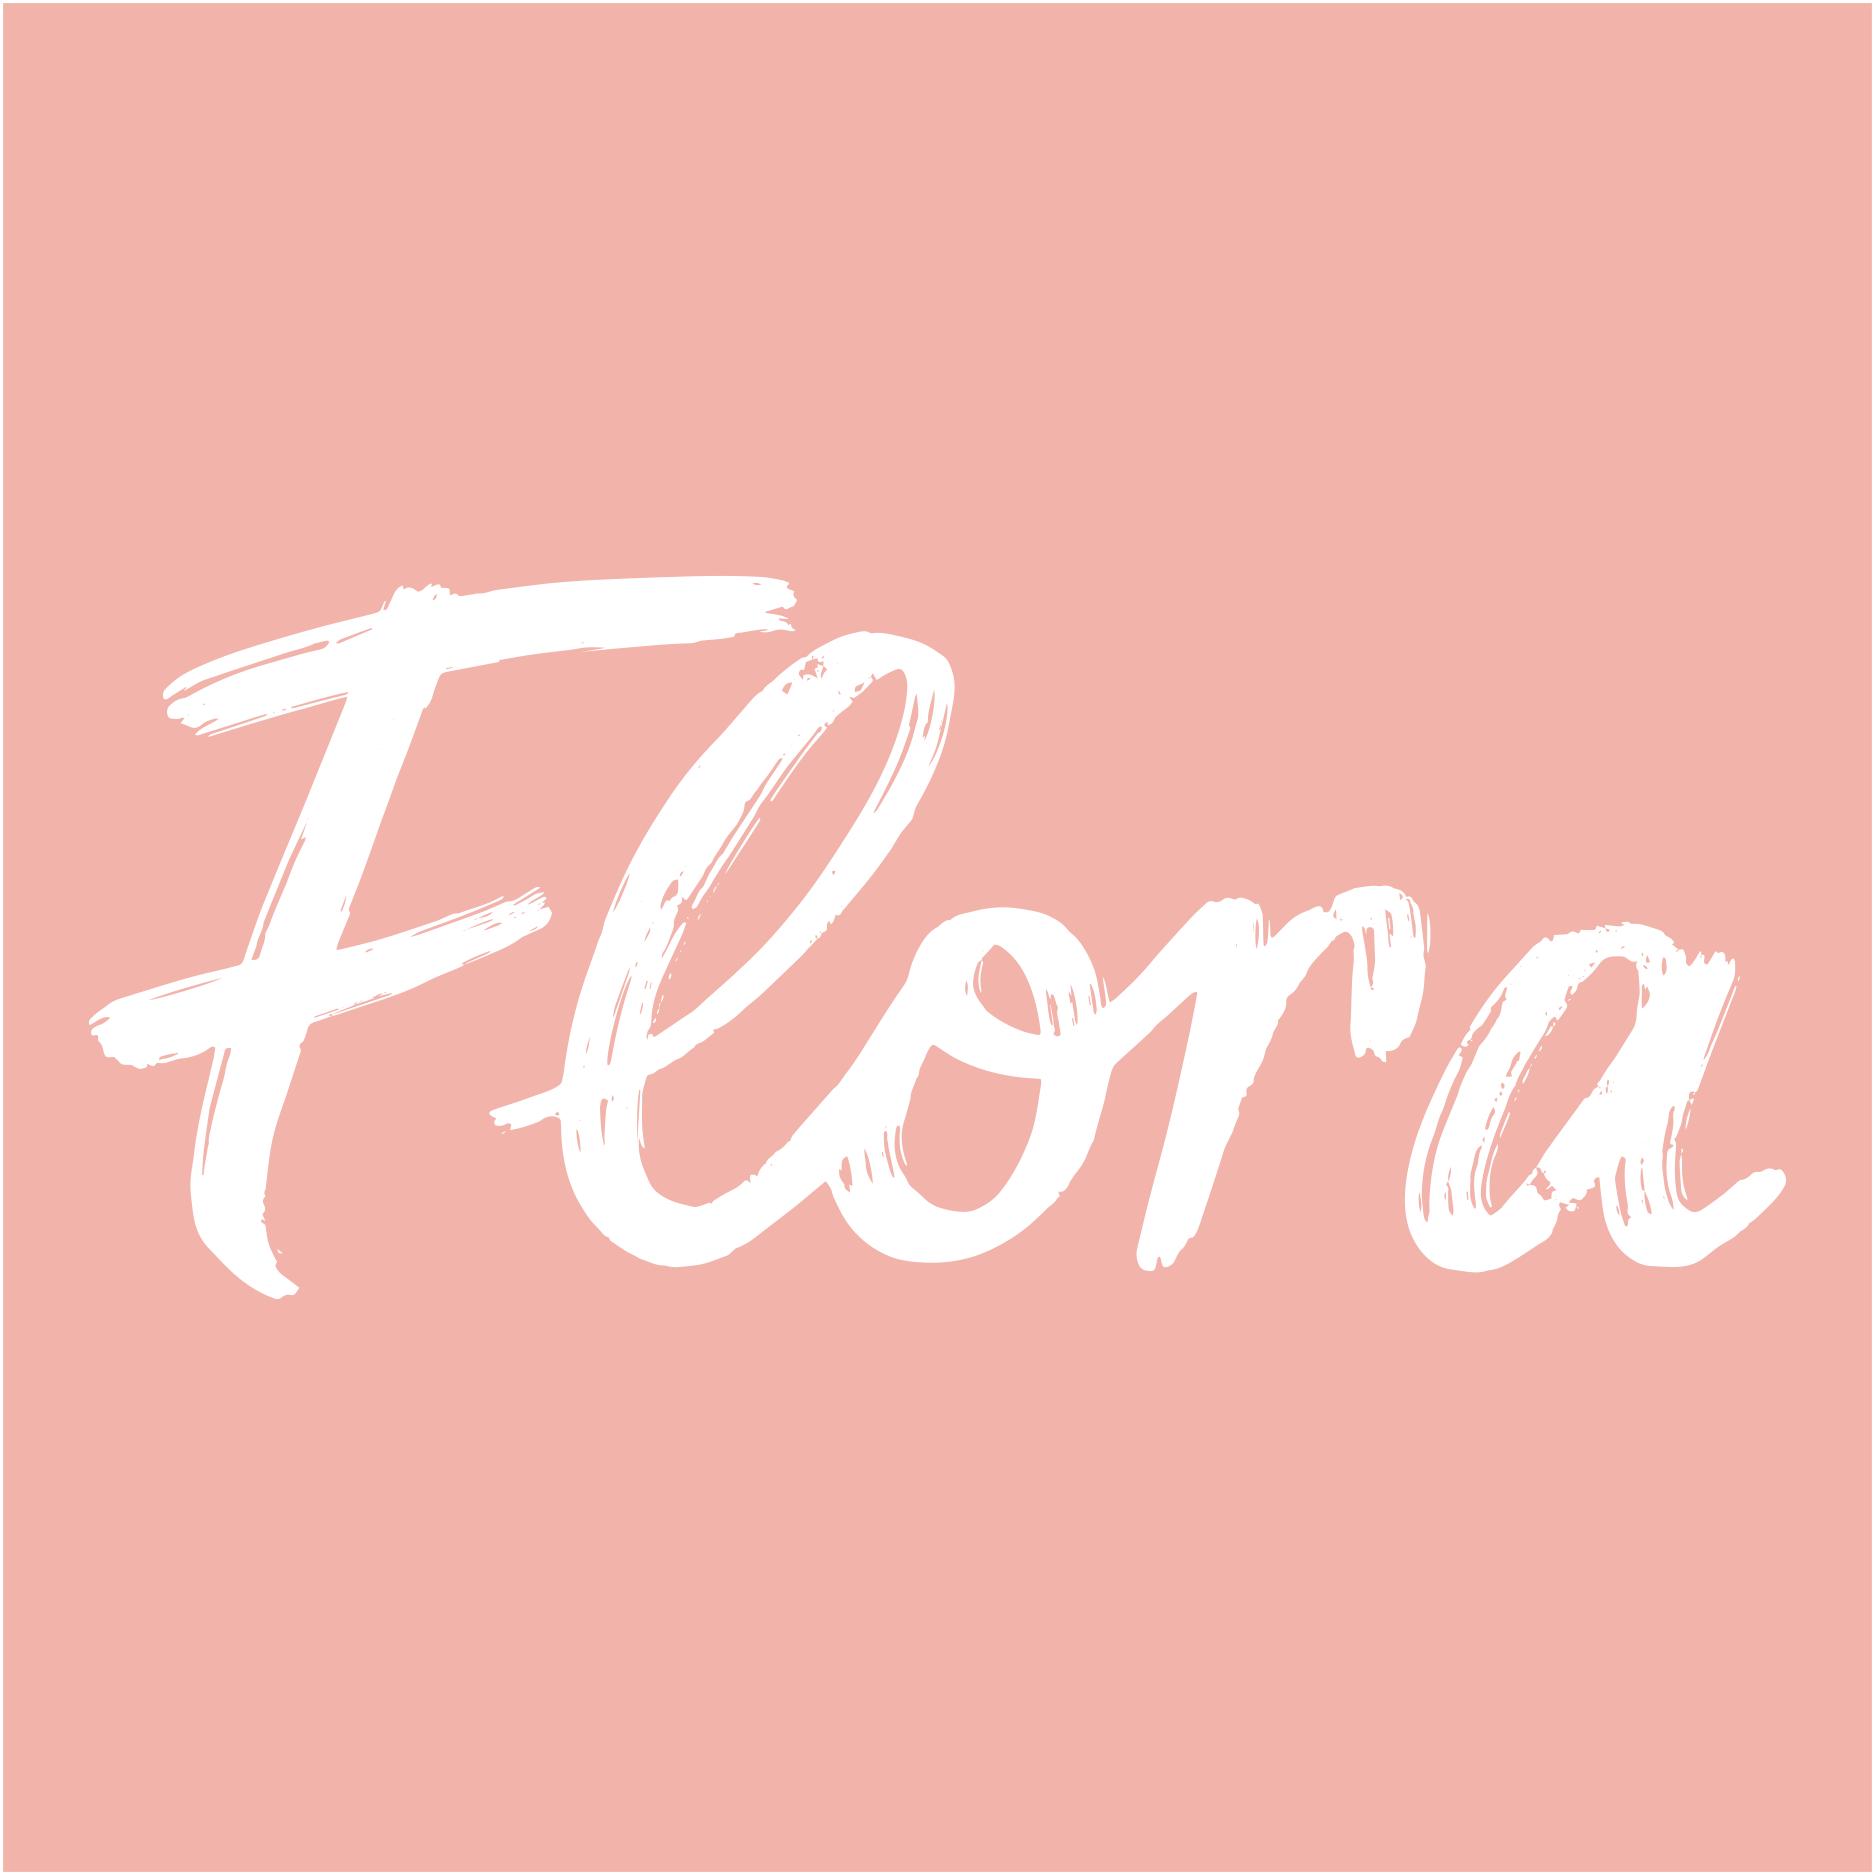 Flora_Logo_White_PinkBack_169C.png